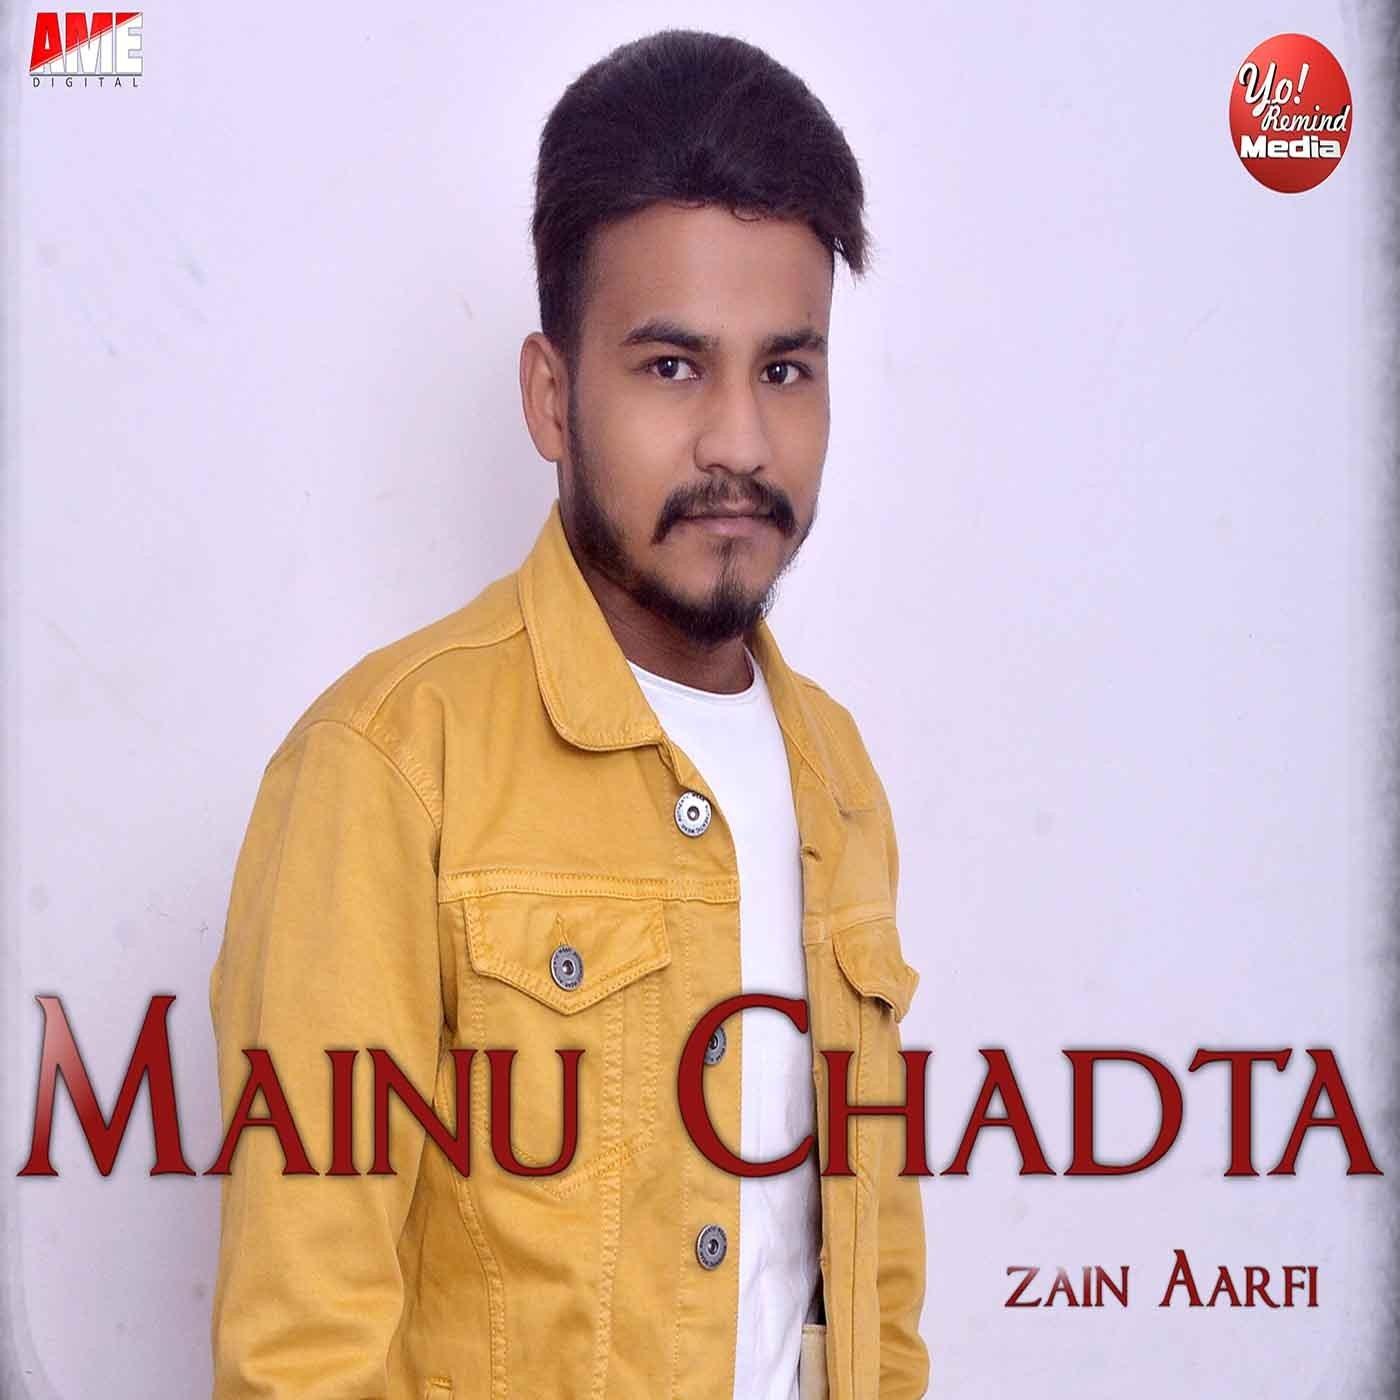 Mainu Chadta songs